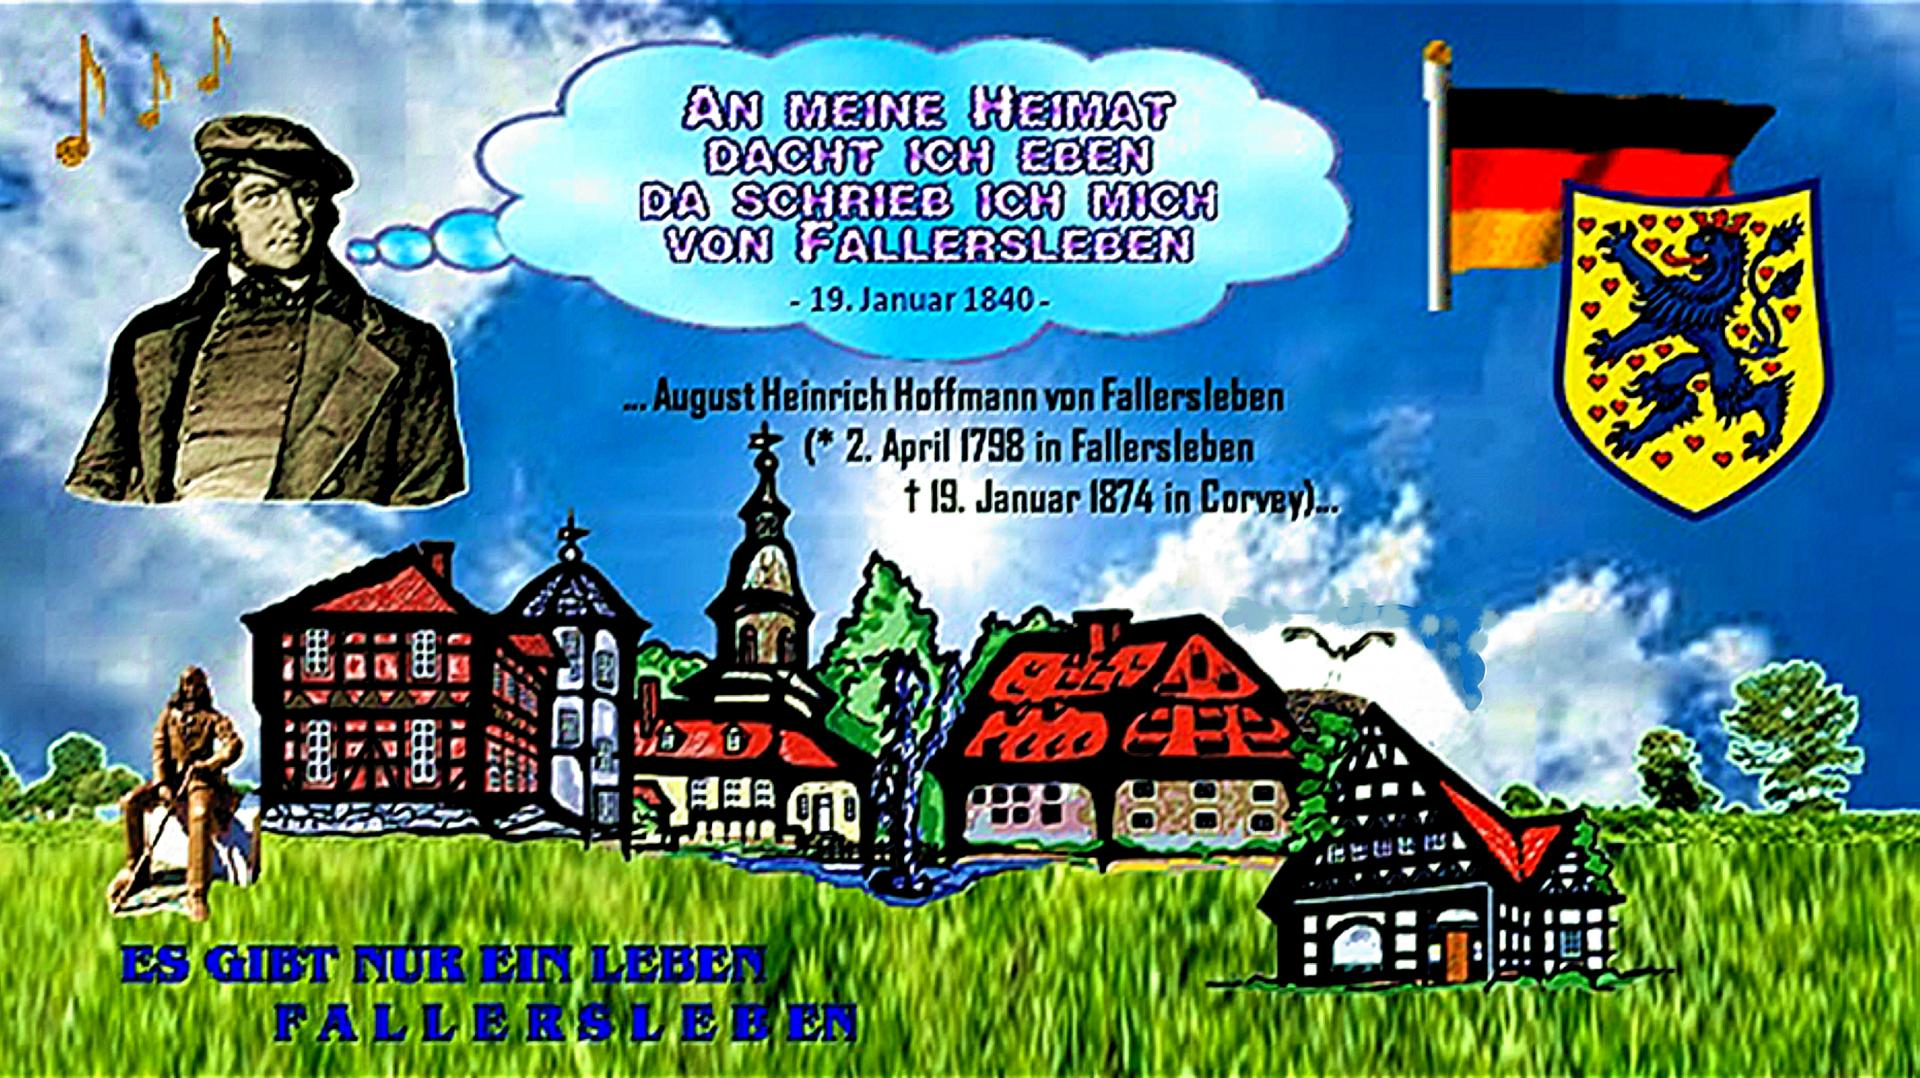 Heimat Hoffmann von Fallersleben